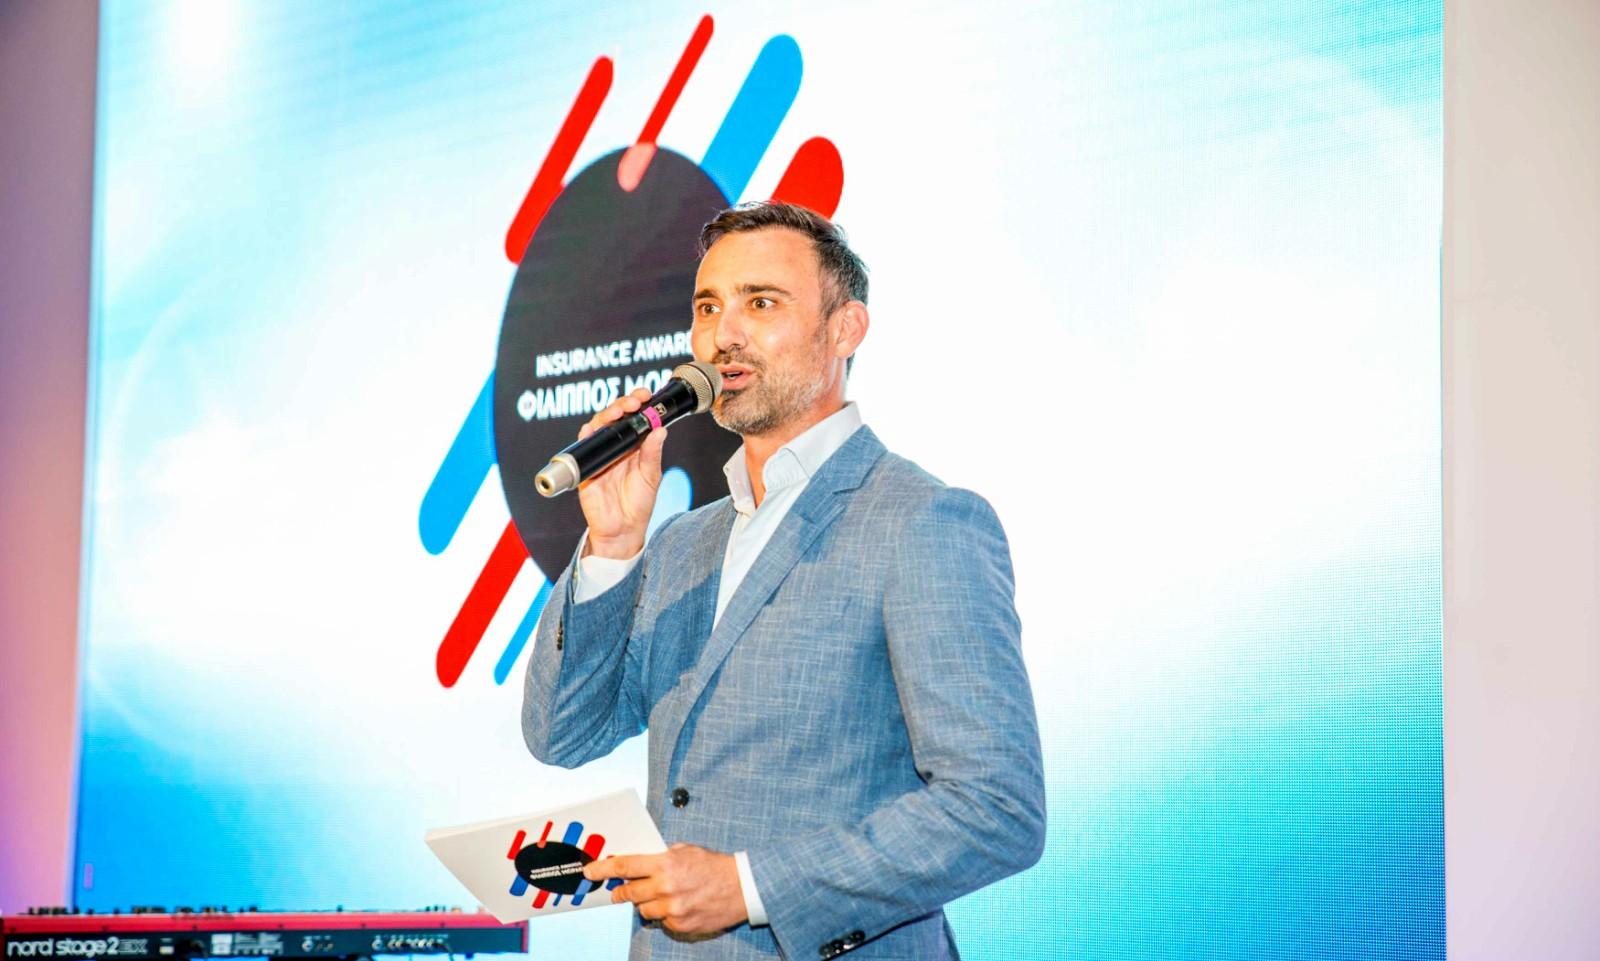 Ο Γιώργος Καπουτζίδης παρουσιαστής των Insurance Awards Φίλιππος Μωράκης